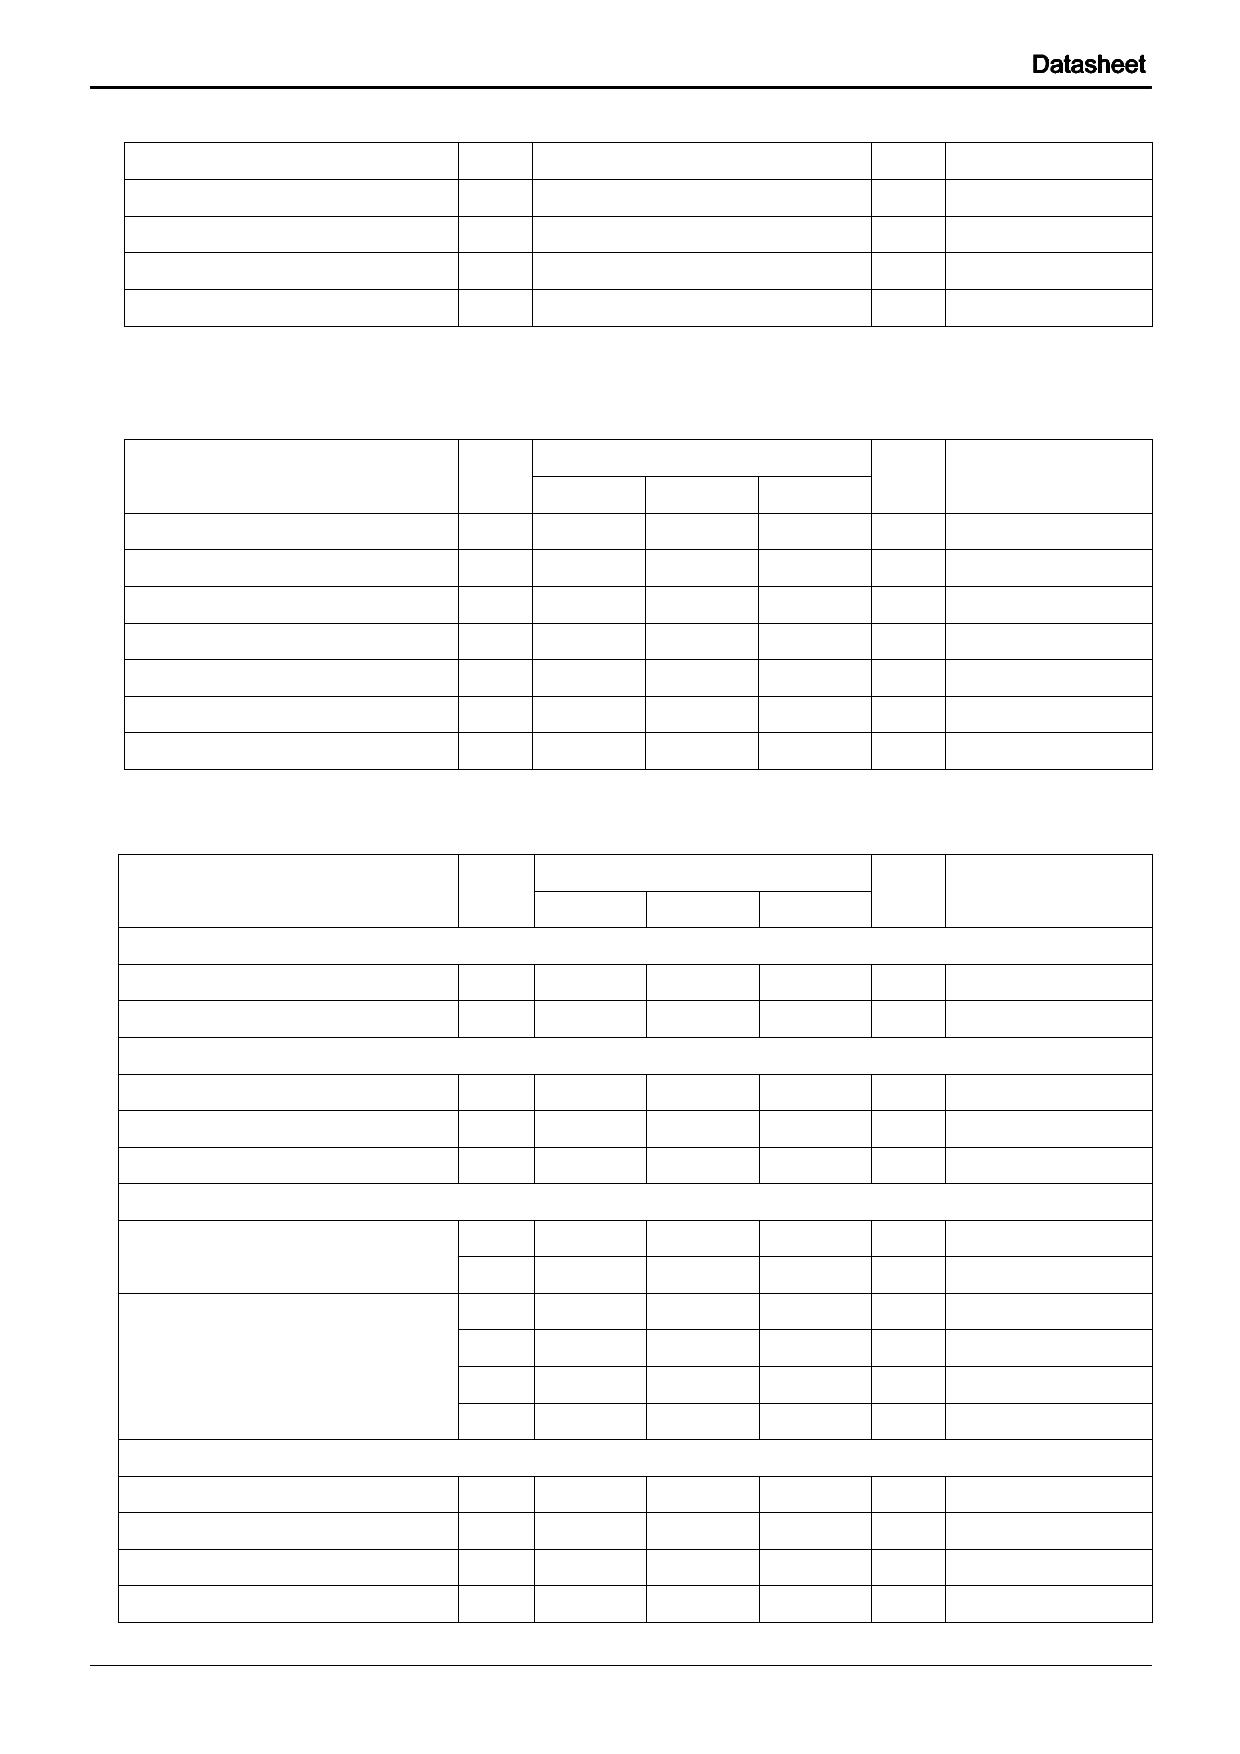 BH2227FV pdf, ピン配列